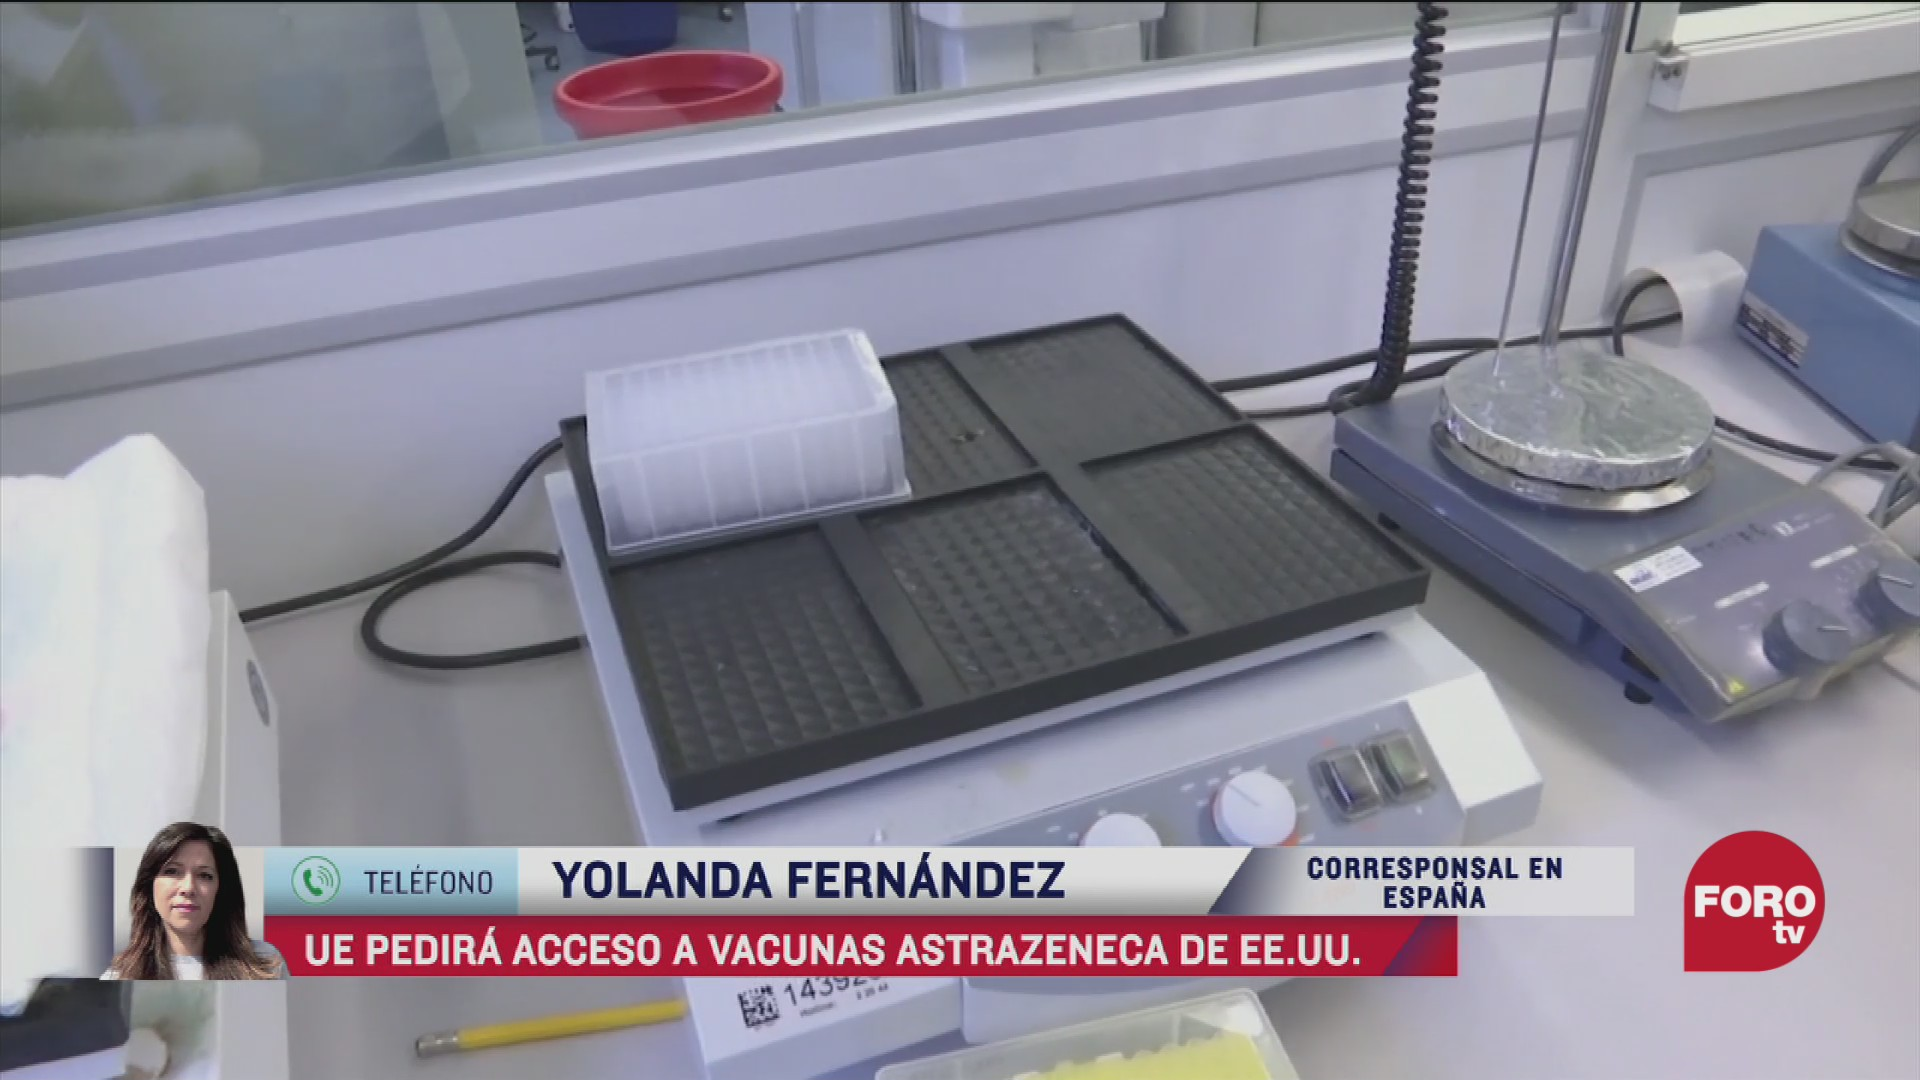 europa pedira acceso a vacunas de astra zeneca de eeuu